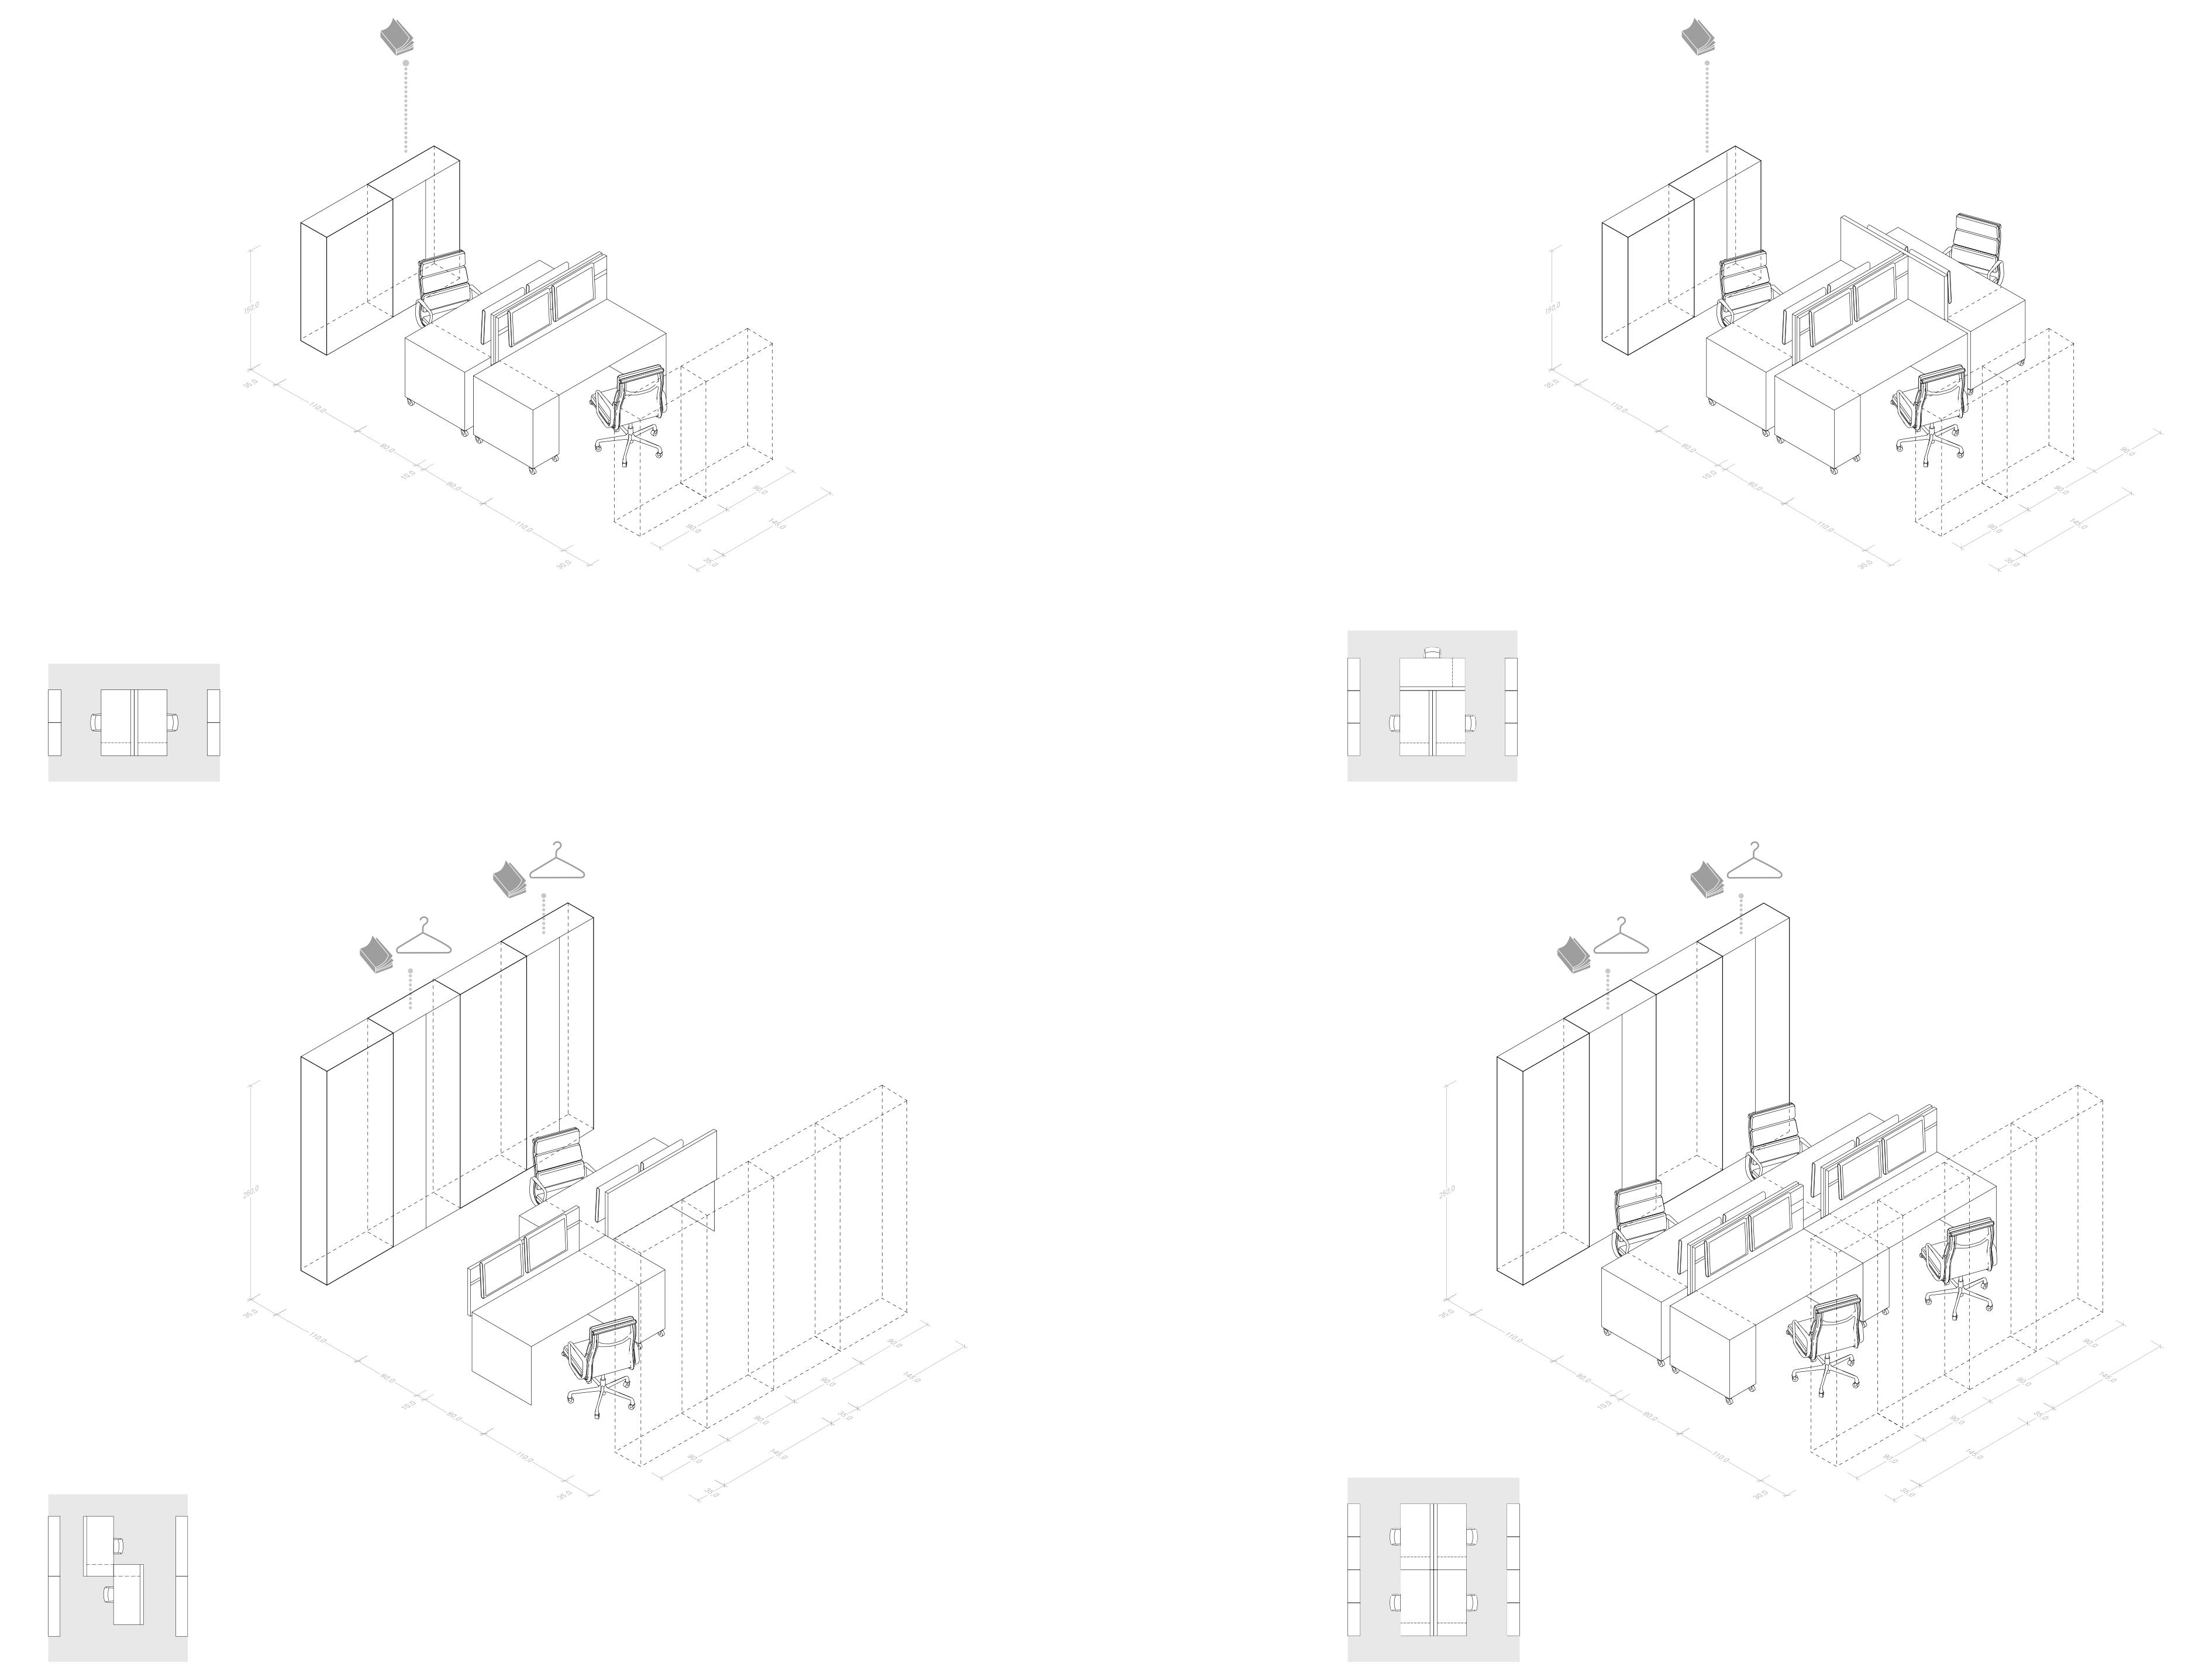 GE_kopfbau_design_print-20